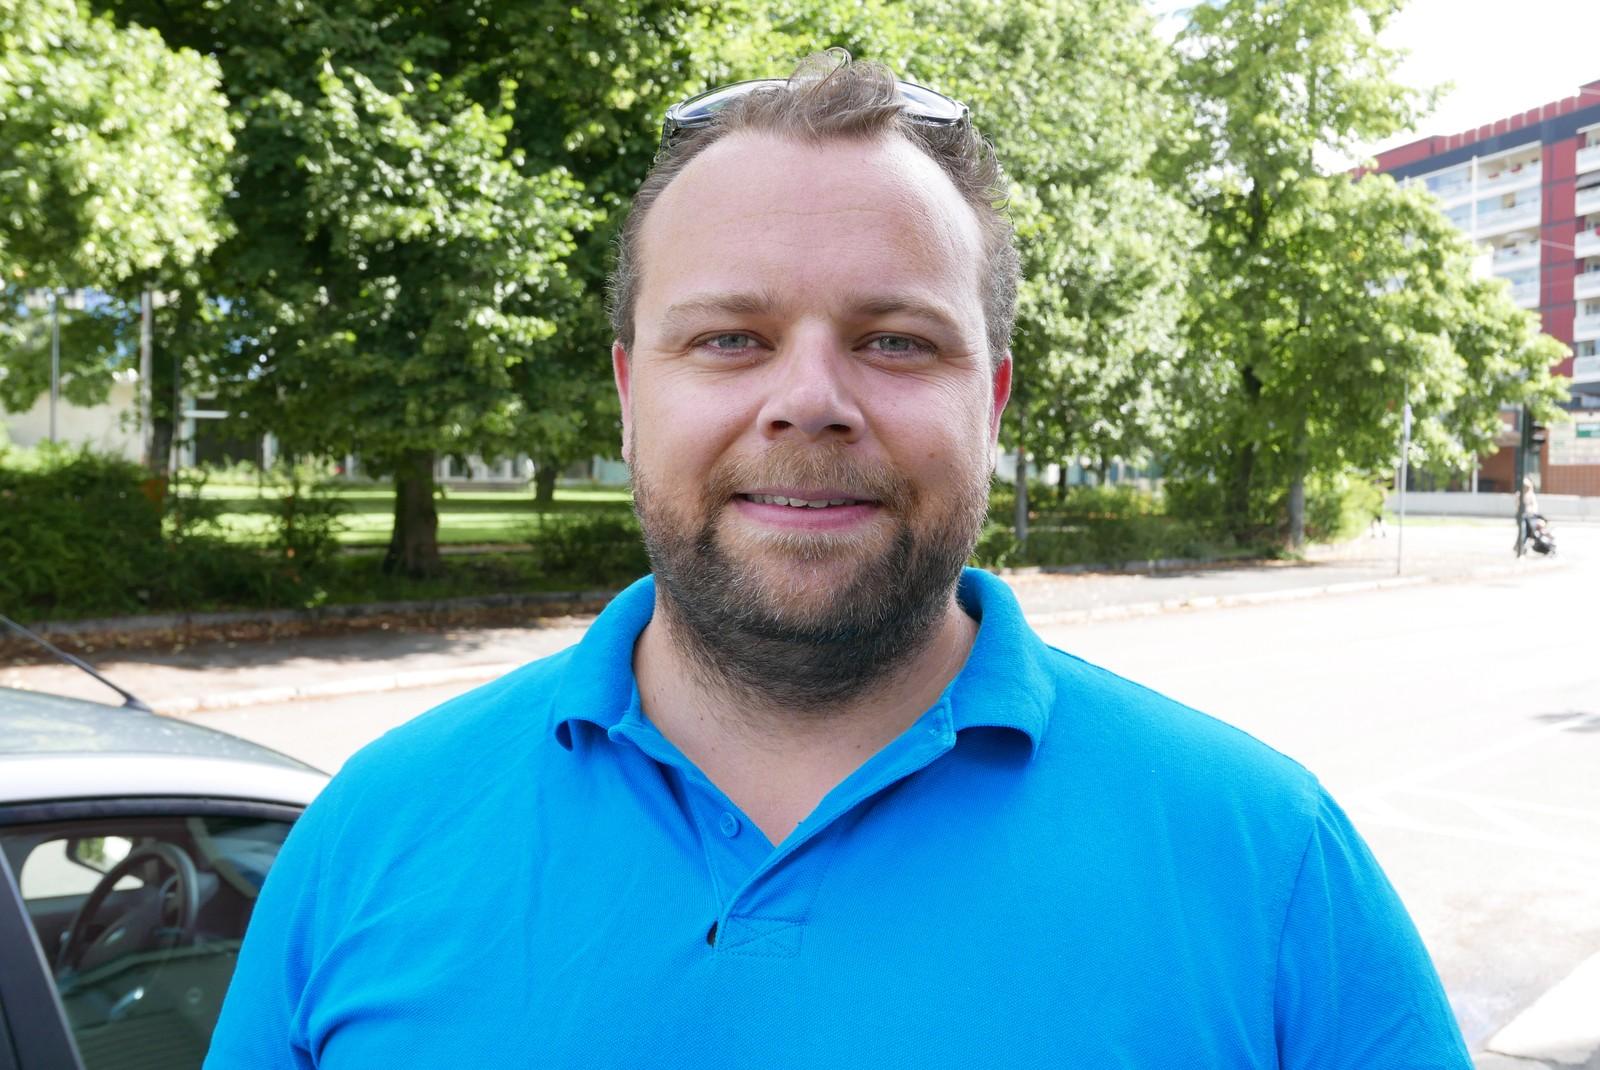 – Jeg er ikke i nærheten av å ha oversikt, innrømmer Petter Andreas Vogt. Men også han sier at han en gang i året kvitter seg med det som tar plass.